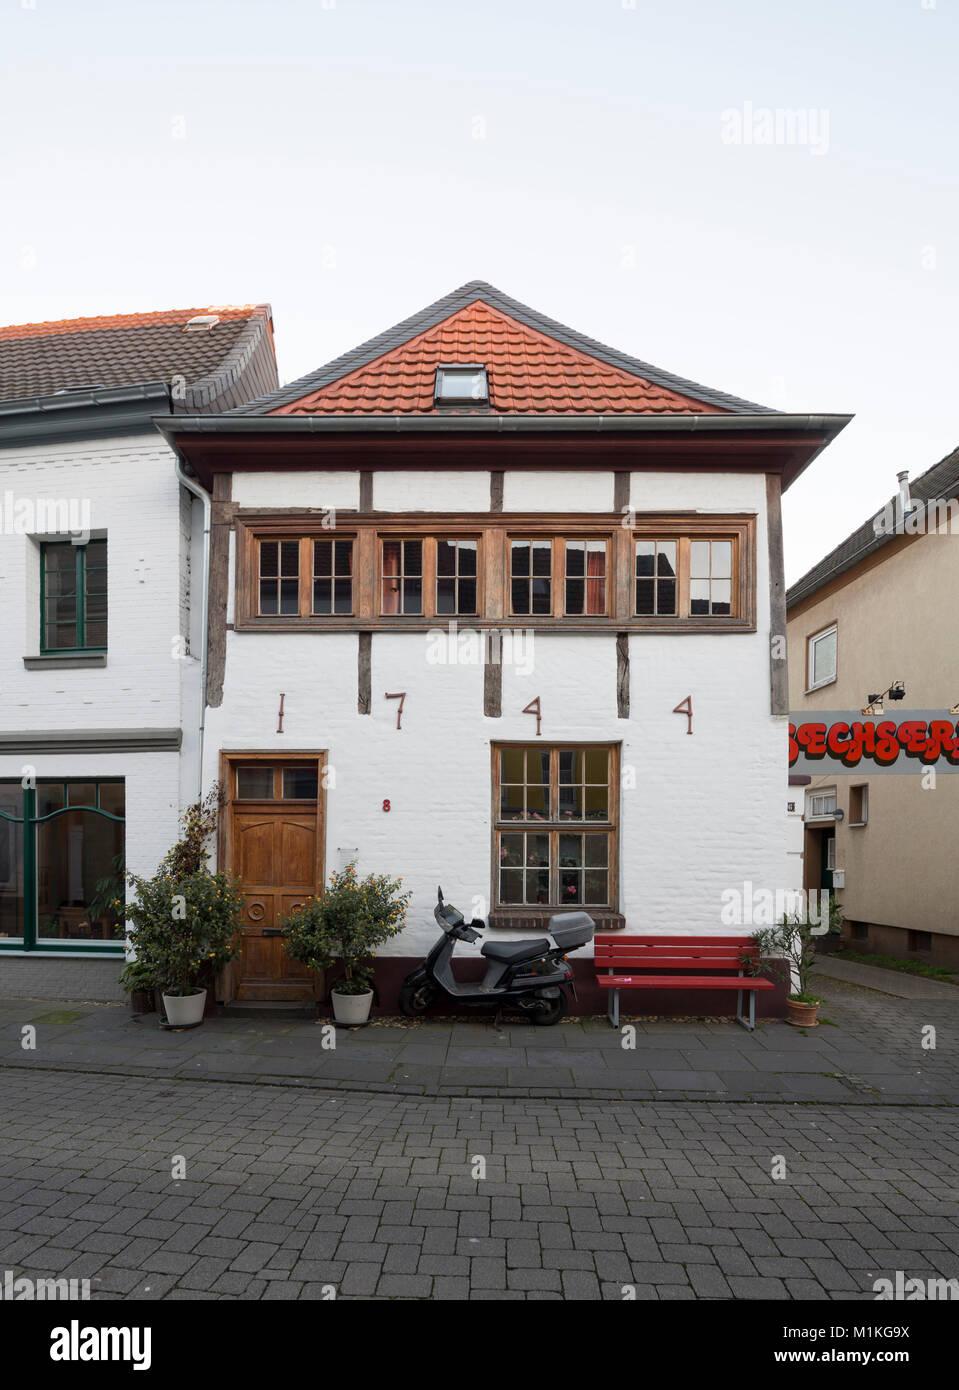 Krefeld-Hüls, Klever Straße, Fachwerkhaus von 1744 - Stock Image